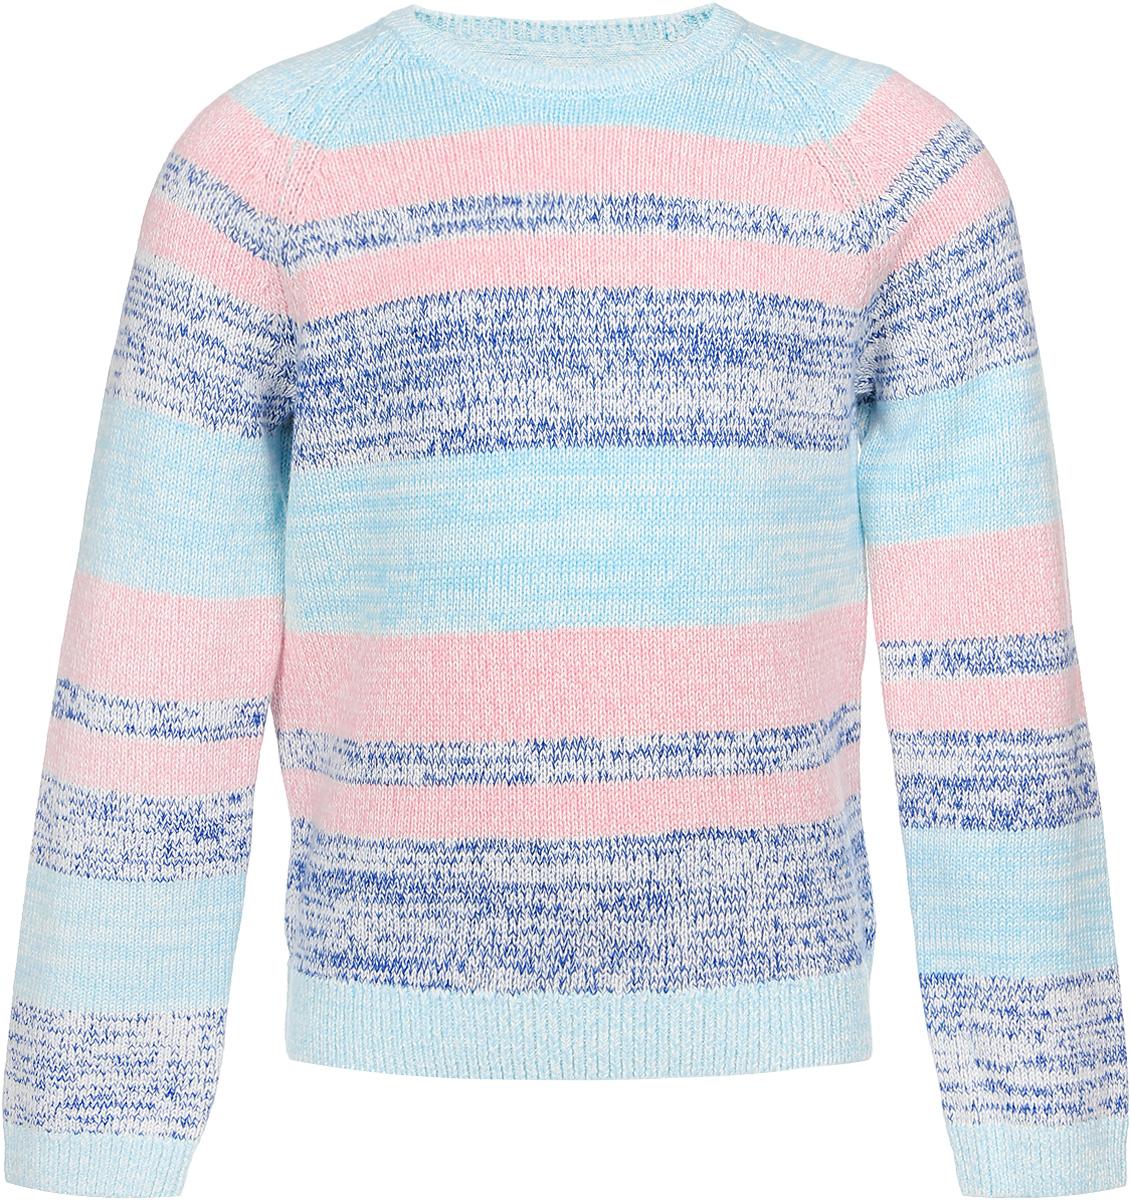 Джемпер для девочки Sela, цвет: синий, розовый, бирюзовый. JR-514/097-6311. Размер 98, 3 годаJR-514/097-6311Джемпер для девочки Sela идеально подойдет вашей маленькой моднице. Изготовленный из натурального хлопка, он необычайно мягкий и приятный на ощупь, не сковывает движения, обеспечивая наибольший комфорт. Модель с длинными рукавами-реглан и круглым вырезом горловины оформлена принтом в полоску. Вырез горловины, низ джемпера и рукава связаны резинкой. Современный дизайн и расцветка делают этот джемпер модным и стильным предметом детского гардероба. В нем ваша дочурка будет чувствовать себя уютно, комфортно и всегда будет в центре внимания!